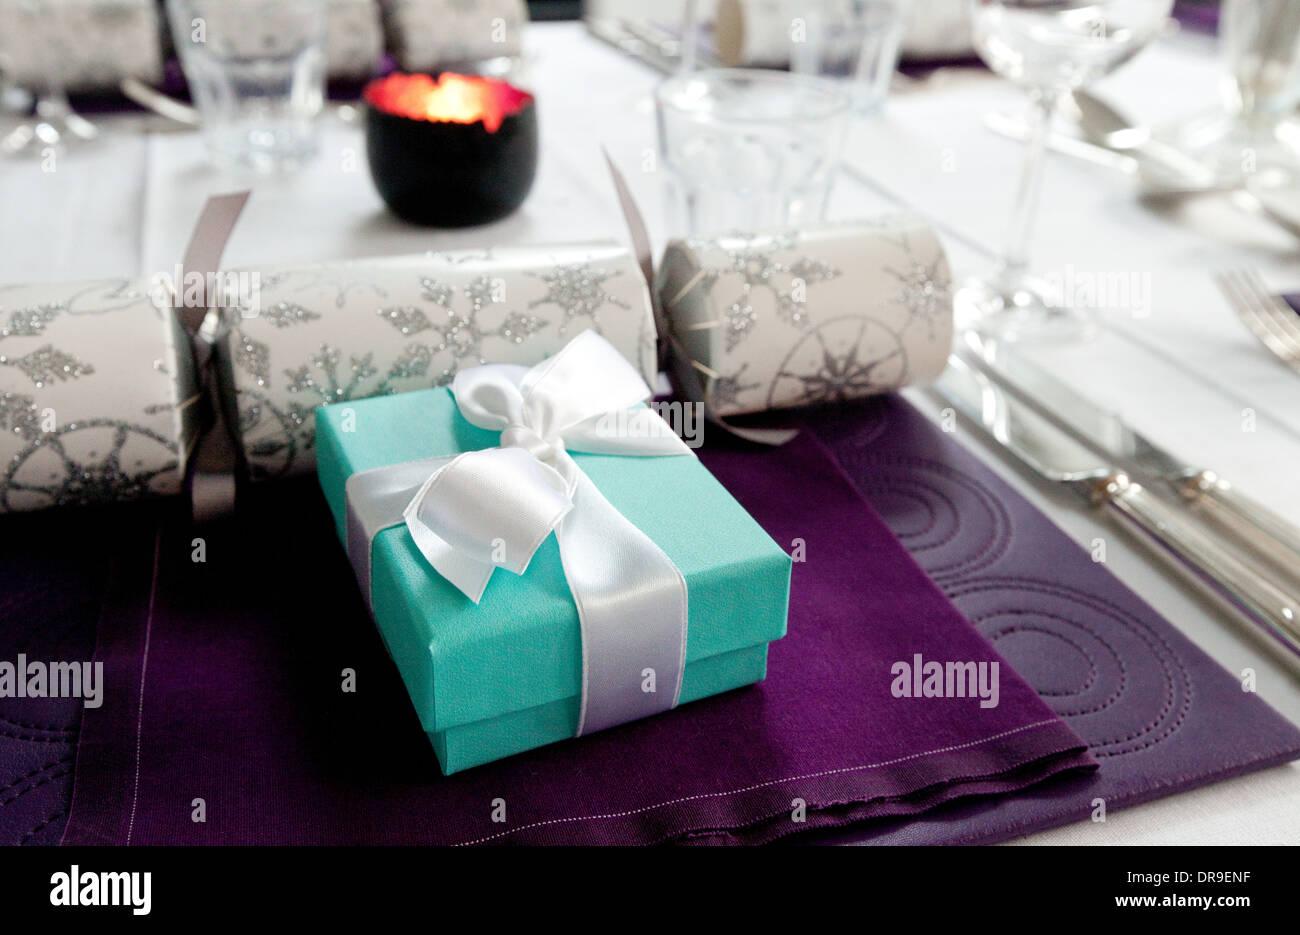 Tabla de Navidad presente se presenta en la cena place setting, REINO UNIDO Imagen De Stock